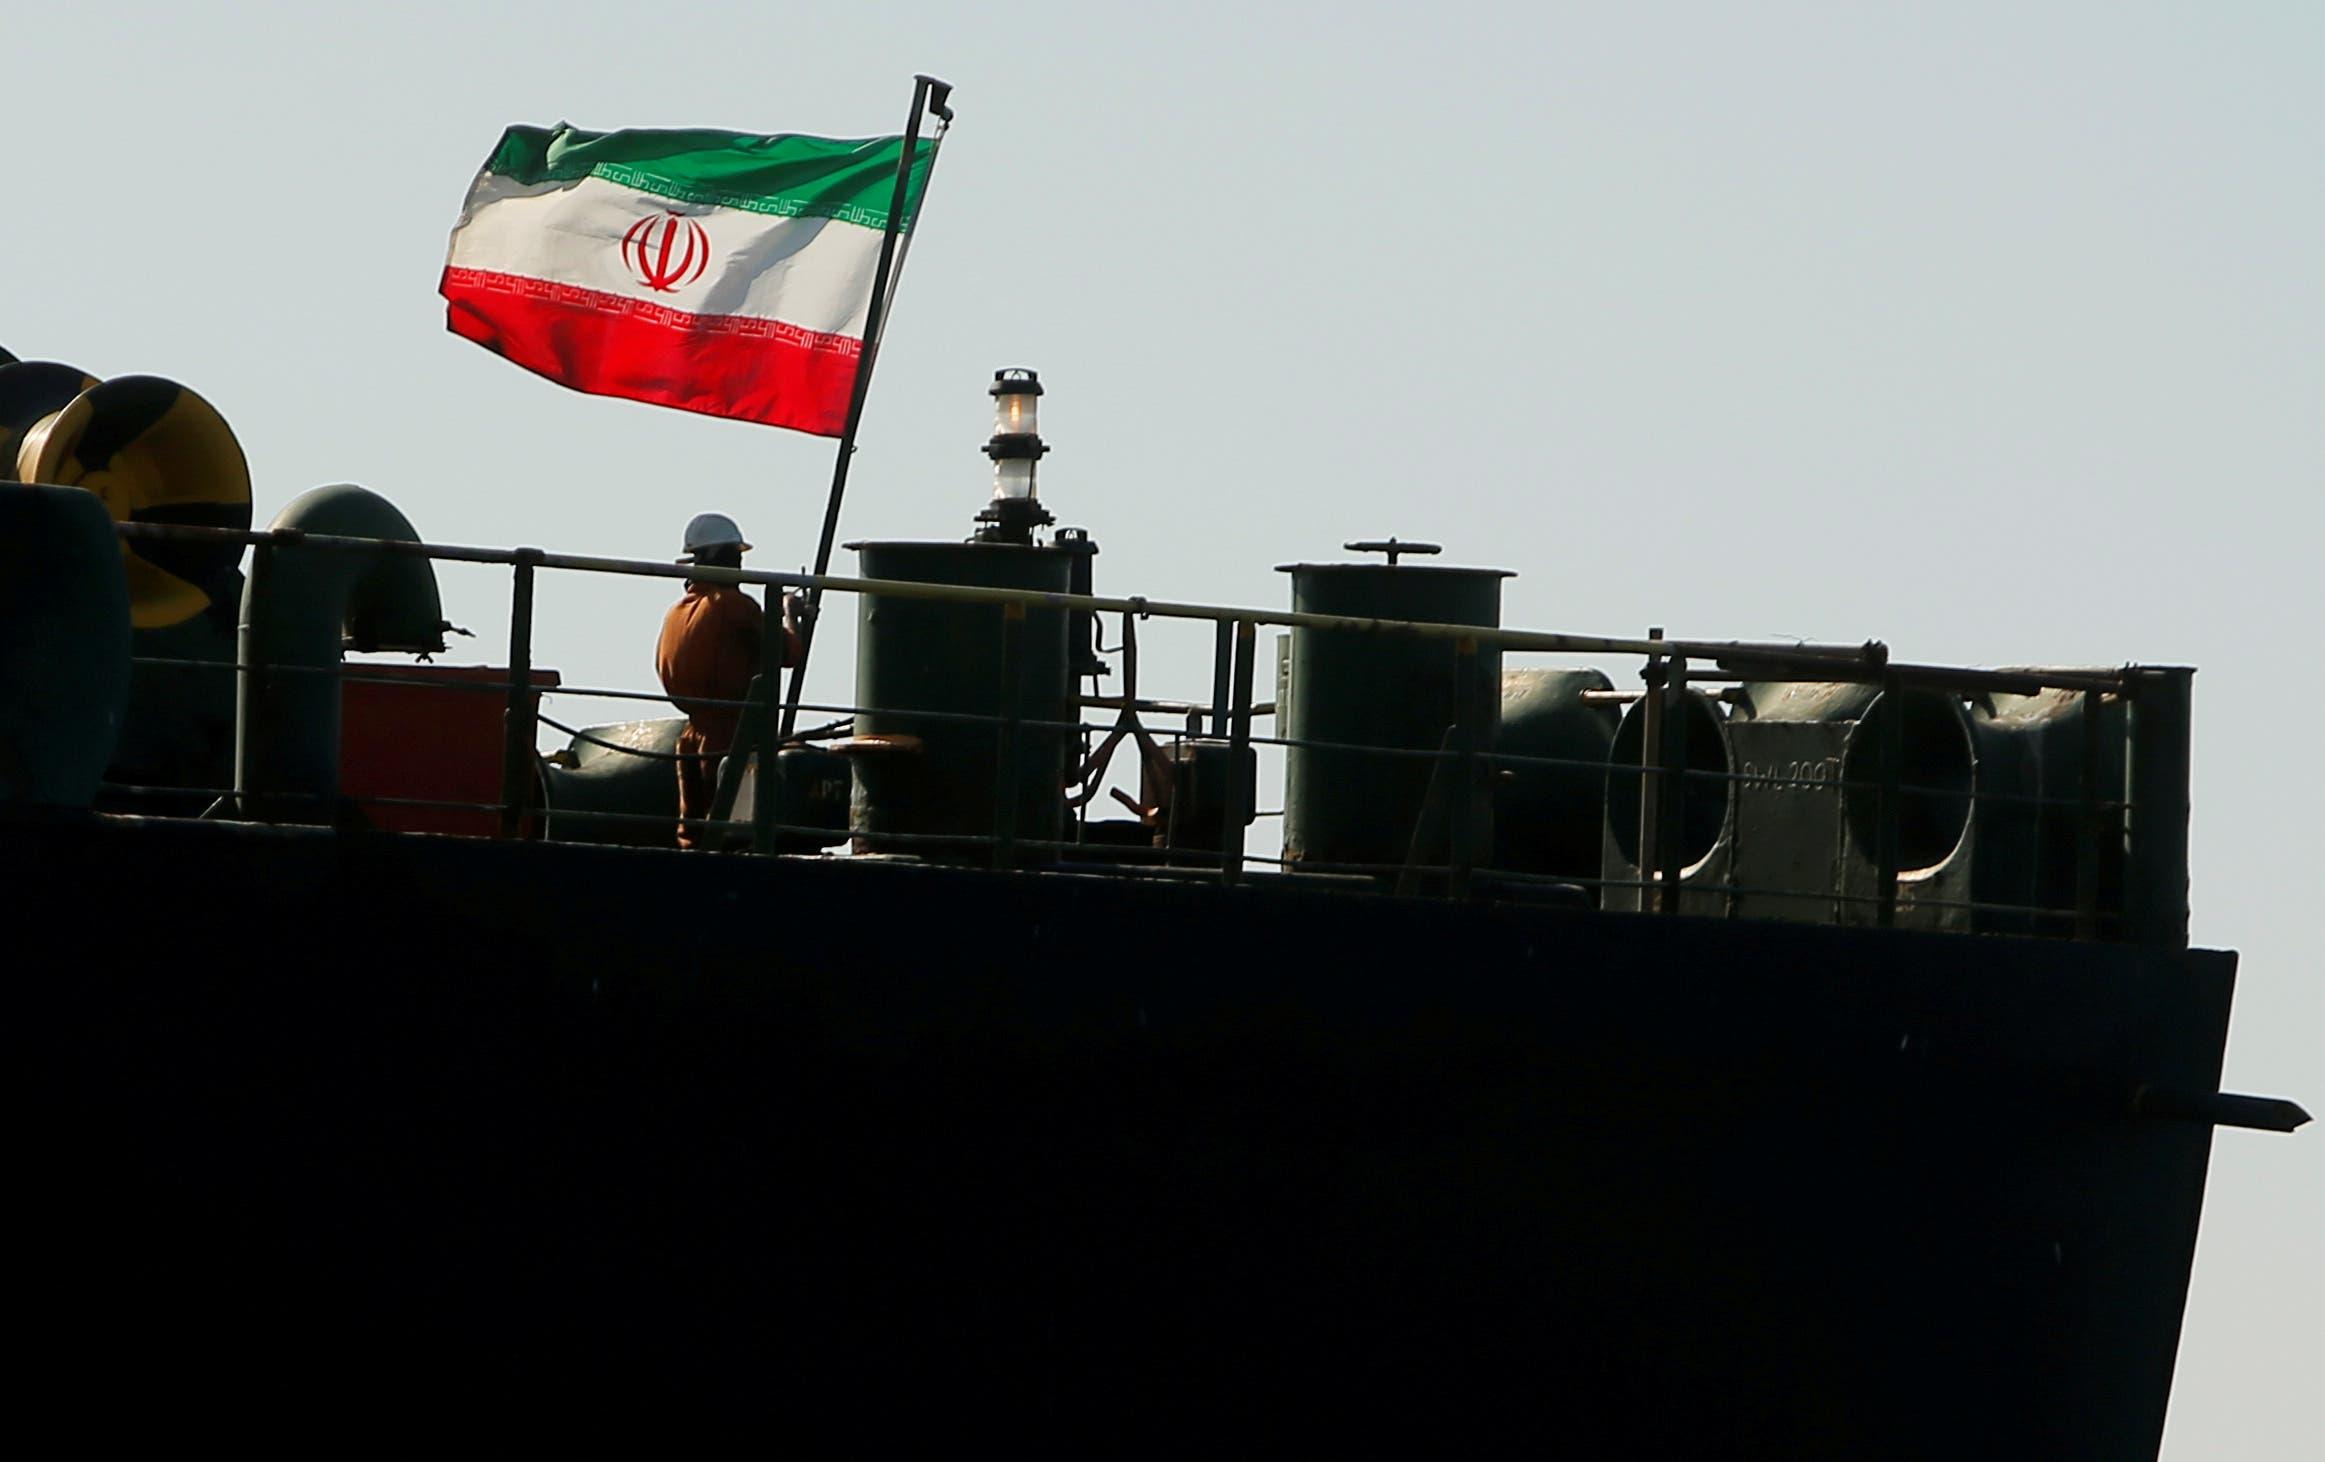 Iranian oil tanker tank